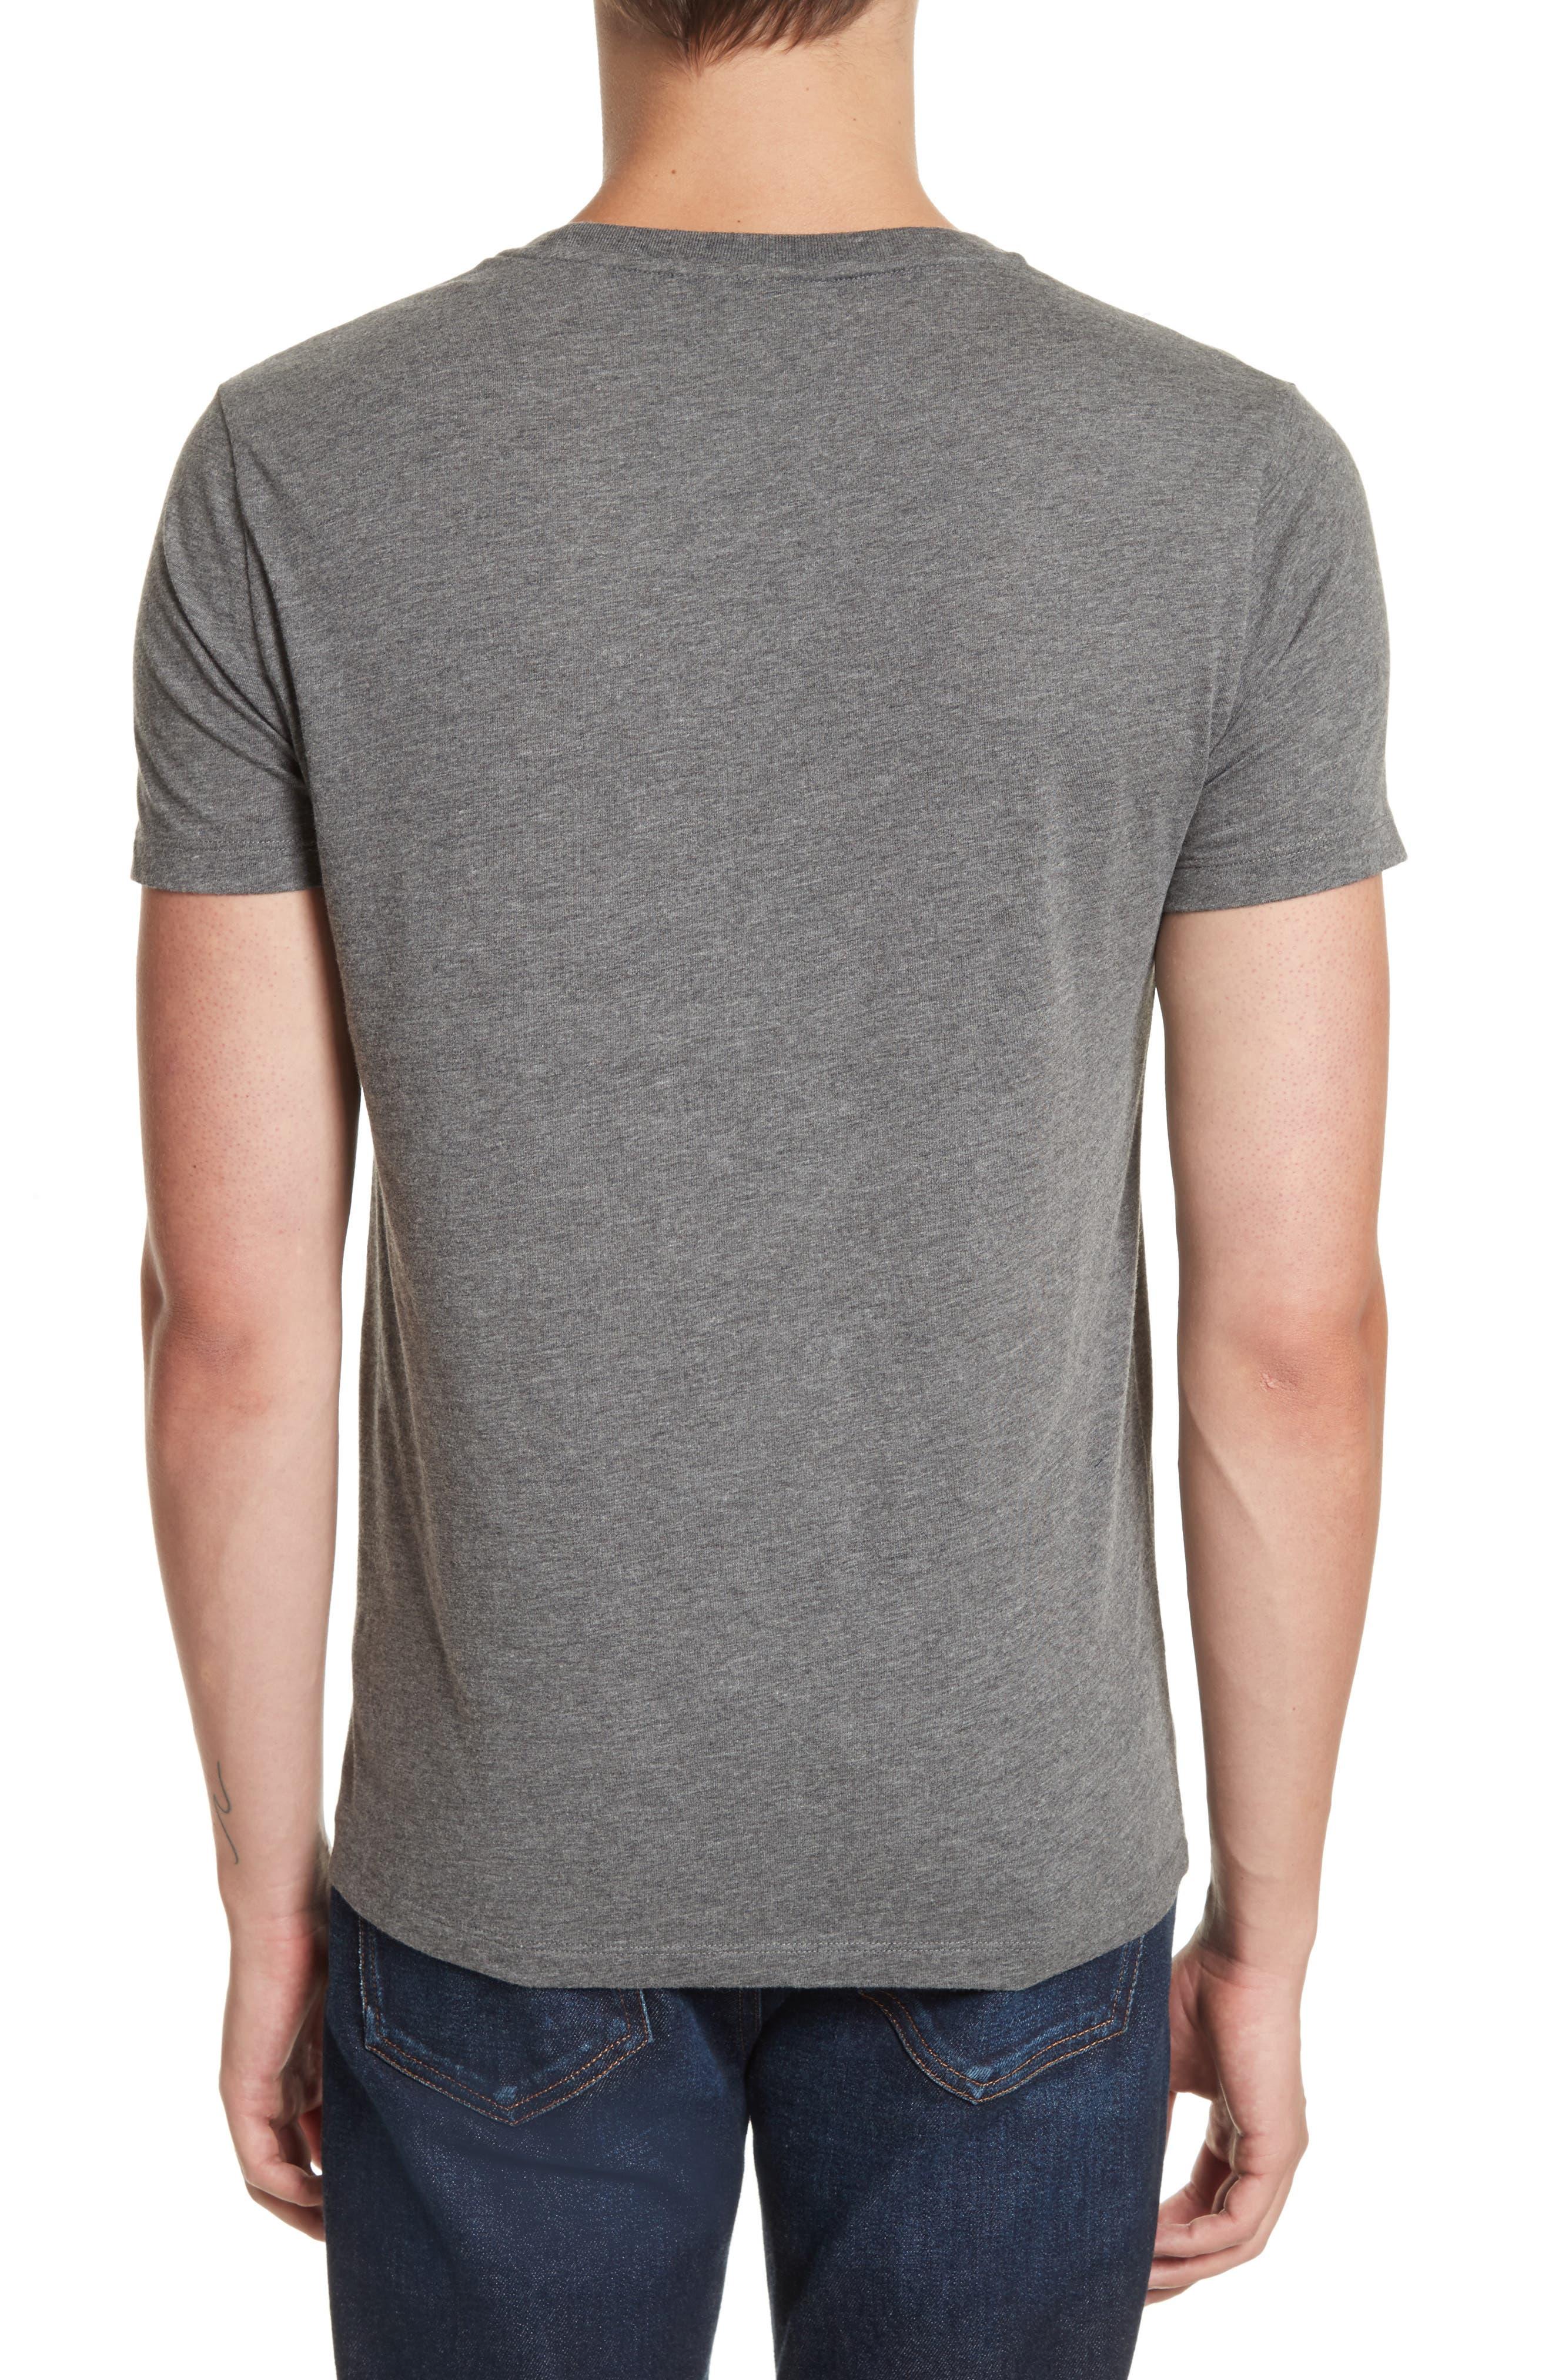 Martford Regular Fit T-Shirt,                             Alternate thumbnail 2, color,                             Grey Melange